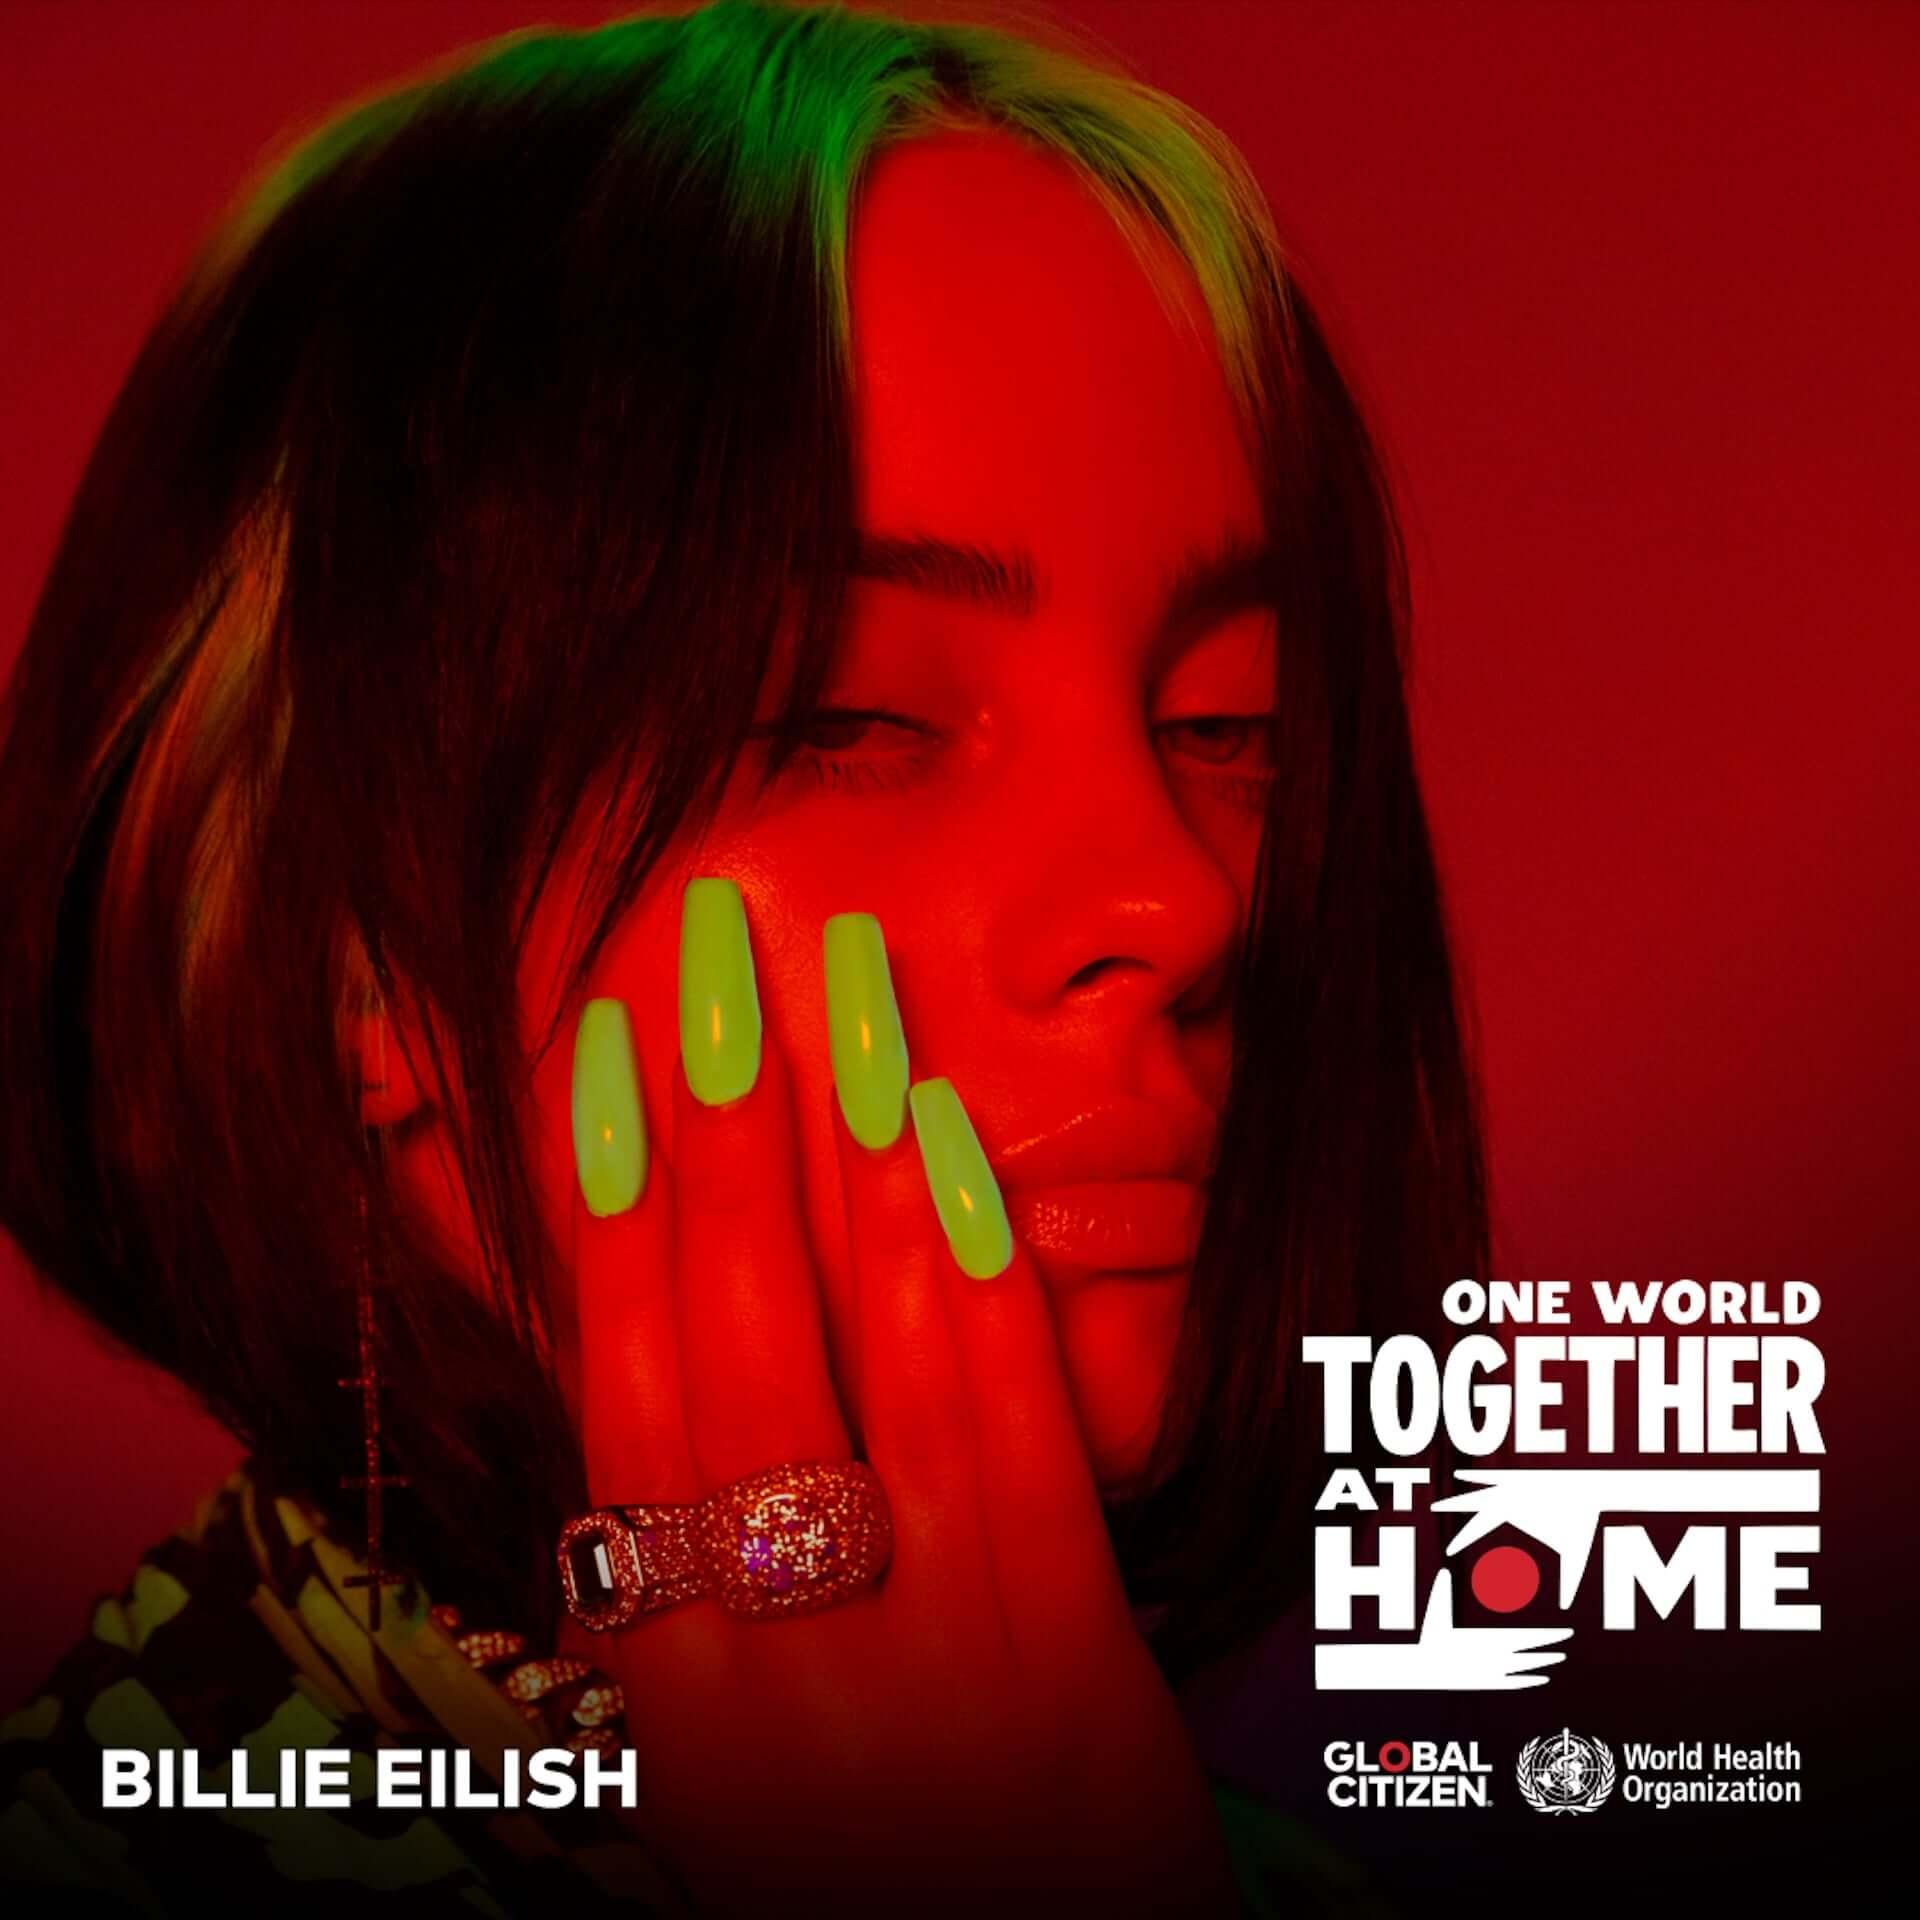 レディー・ガガ主導のバーチャルコンサート<One World: Together At Home>が配信決定!ビリー・アイリッシュ、エルトン・ジョンら豪華ラインナップ music200416_amazon_oneworld_2-1920x1920